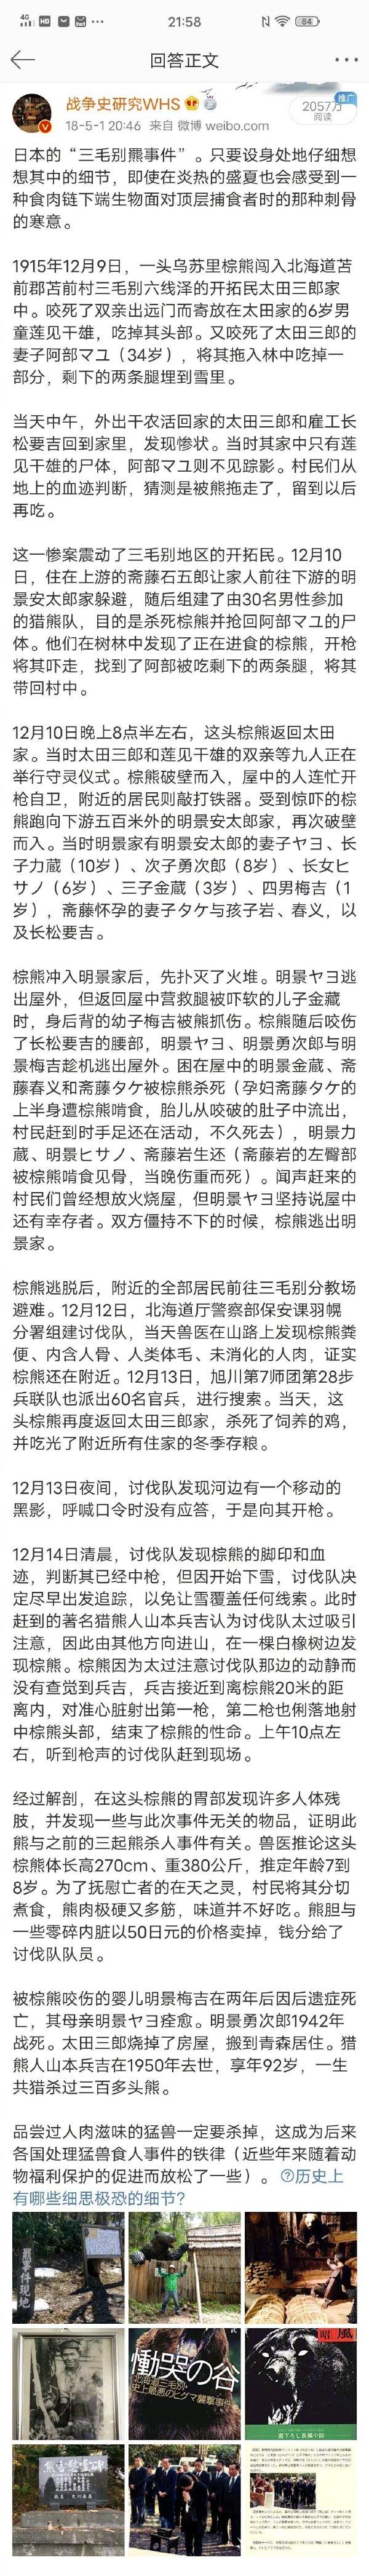 """2020福利汇总第31期:""""陈思妍34分23秒视频""""是什么梗? liuliushe.net六六社 第12张"""